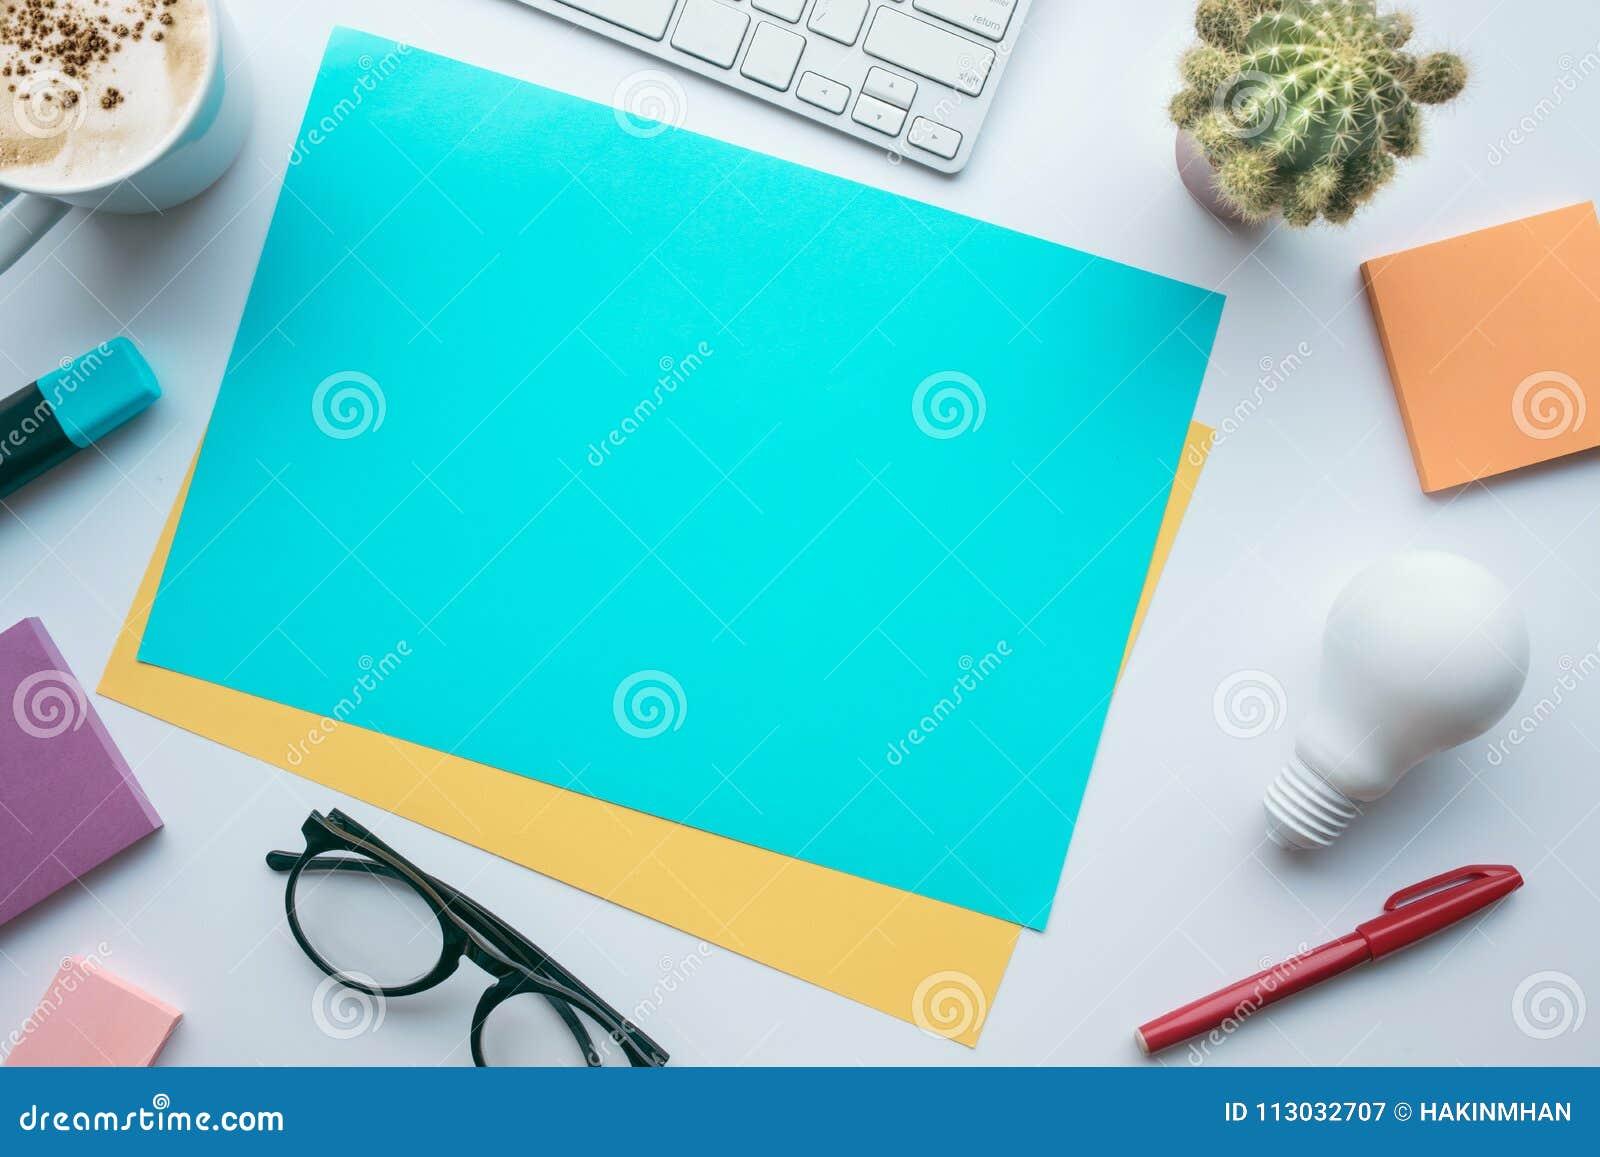 Conceptos de las ideas de la inspiración con el papel y los accesorios coloridos